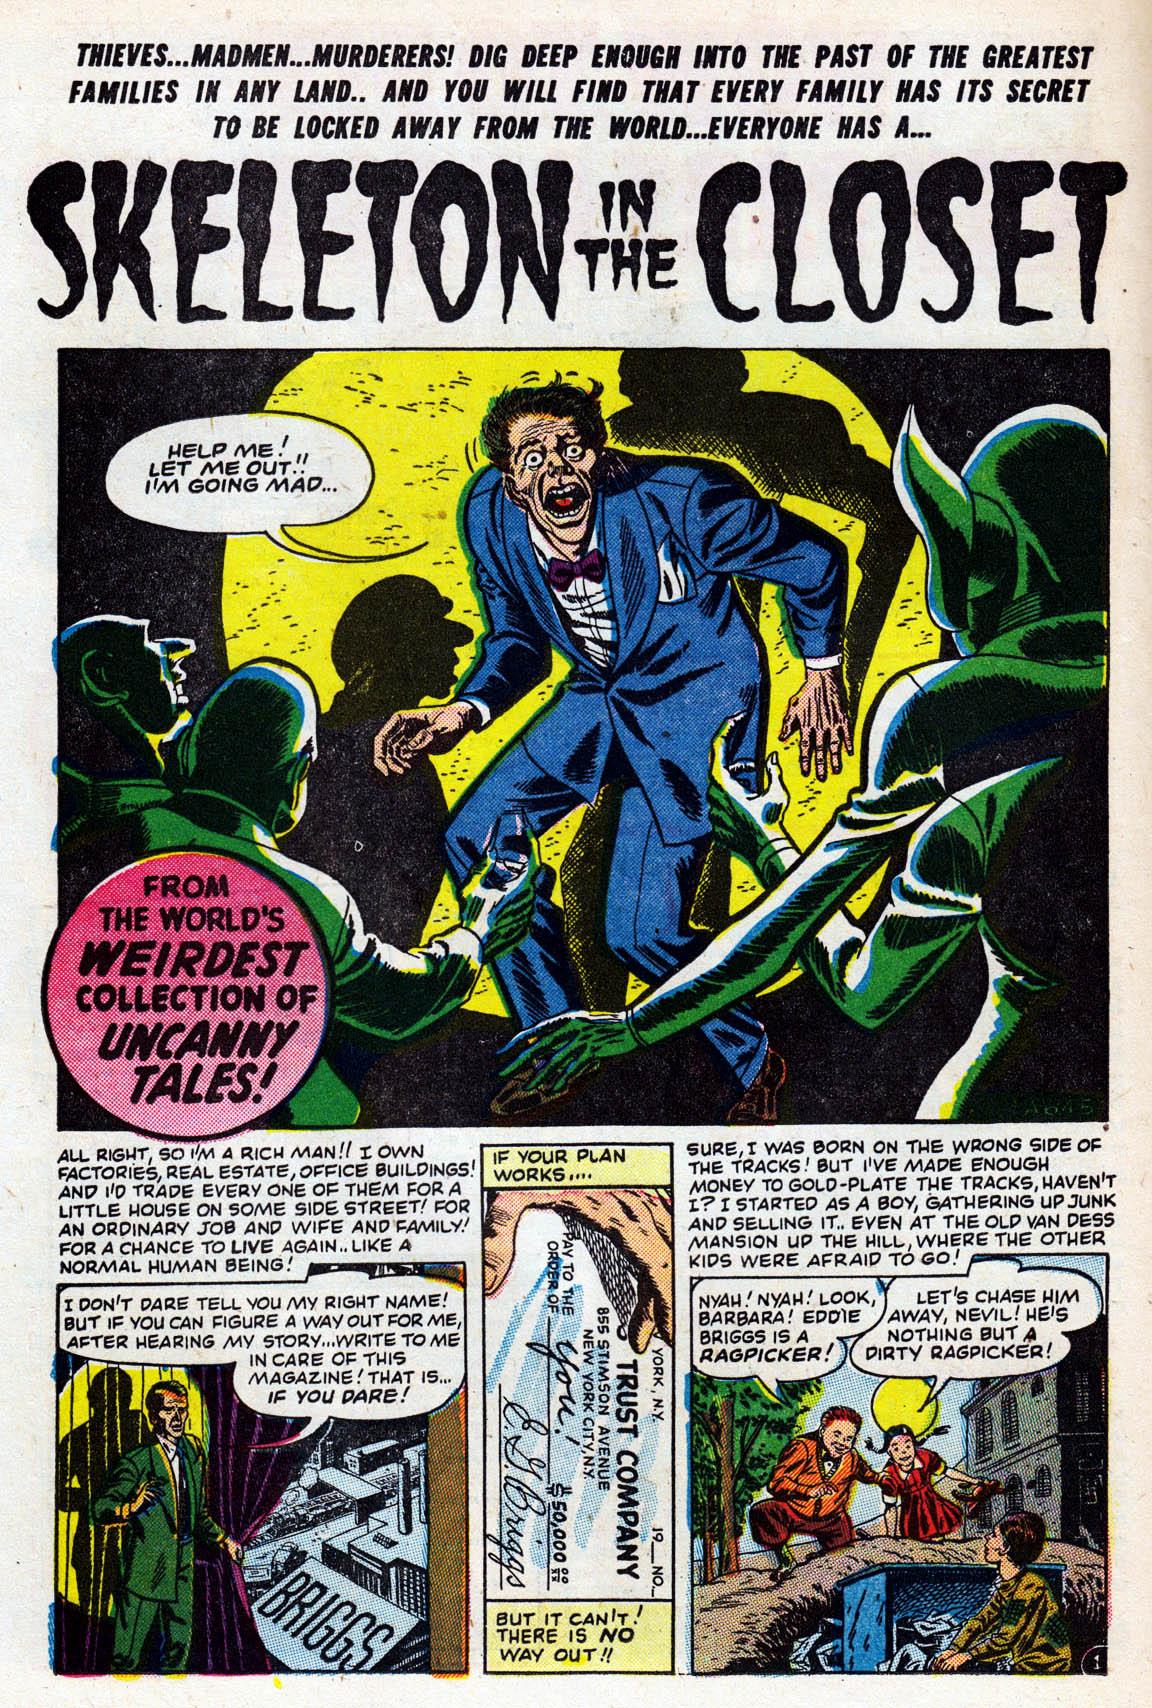 SkeletonInCloset1